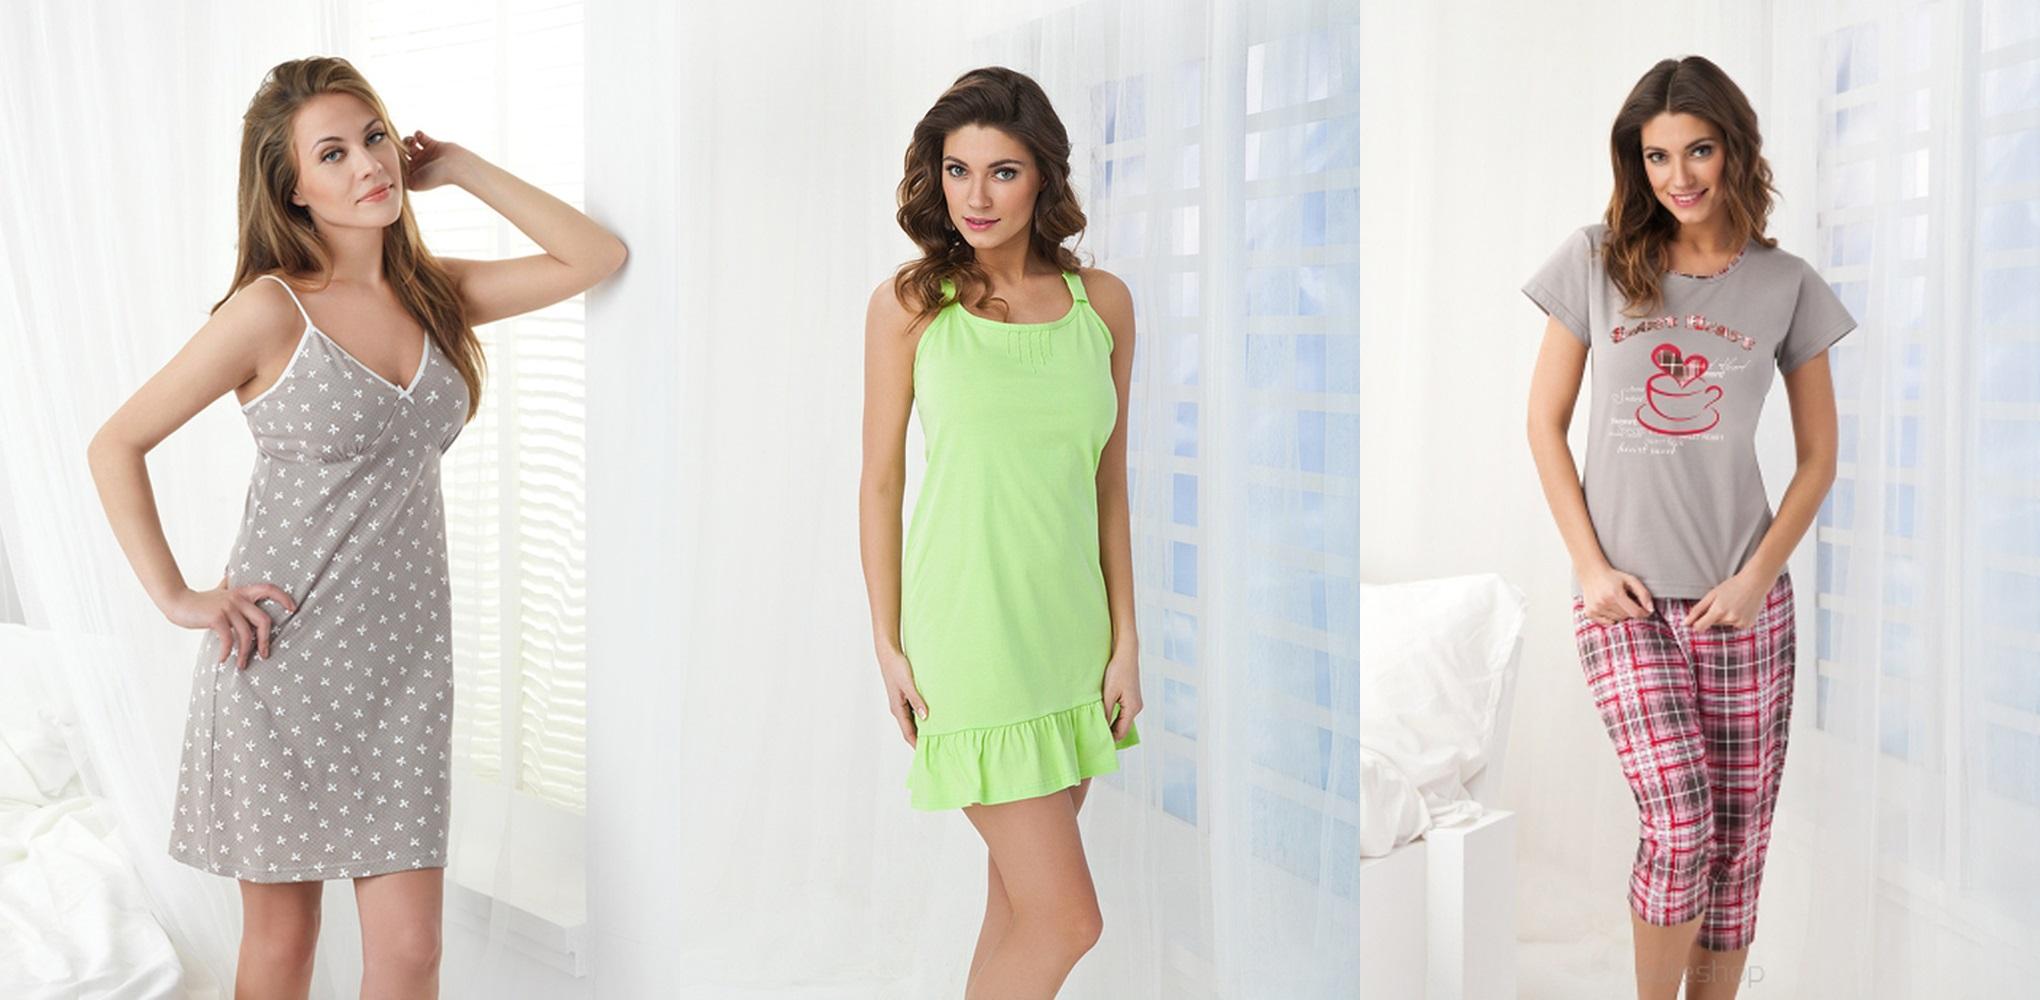 Женские пижамы и сорочки Dorota купить в интернет магазине relish.com.ua